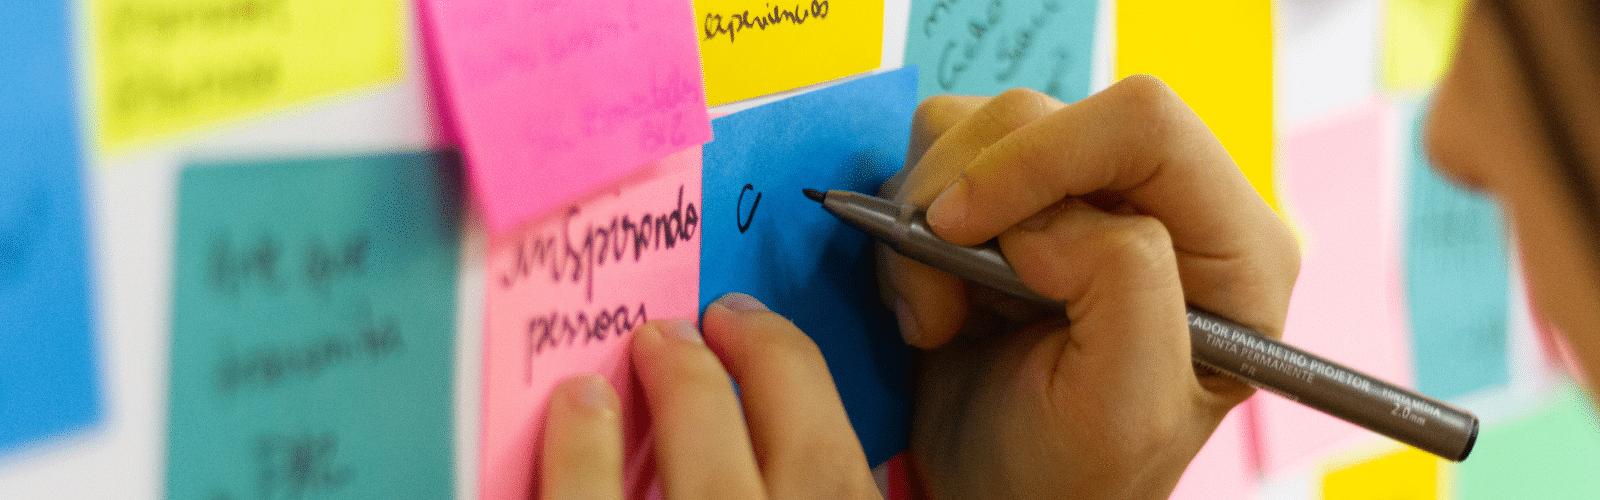 Babysitter bilingue : le mode de garde idéal pour initier l'enfant aux langues